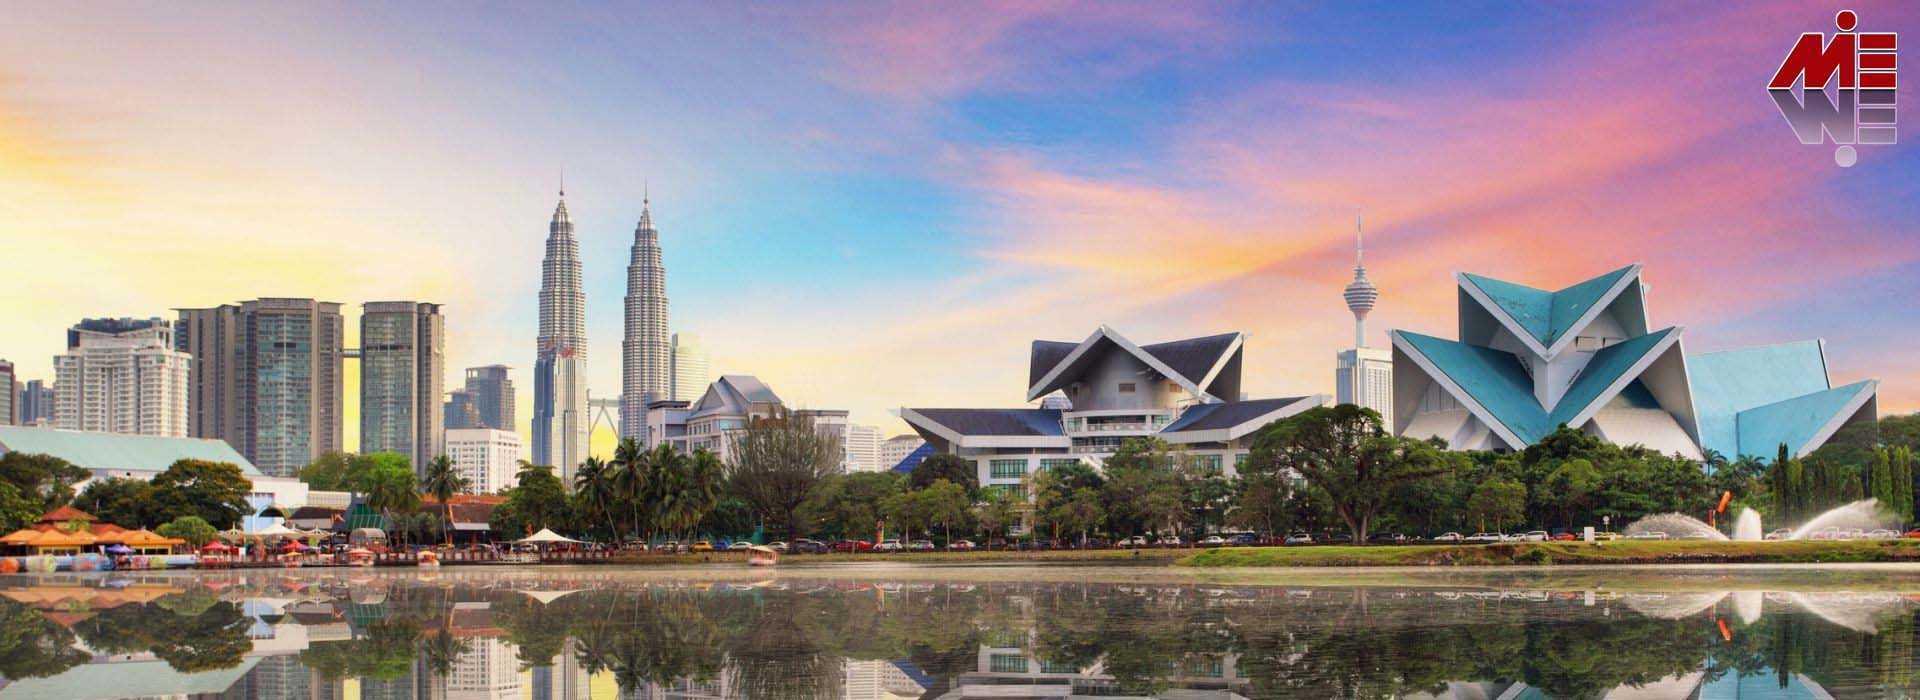 اعزام دانشجو به مالزی 7 اعزام دانشجو به مالزی